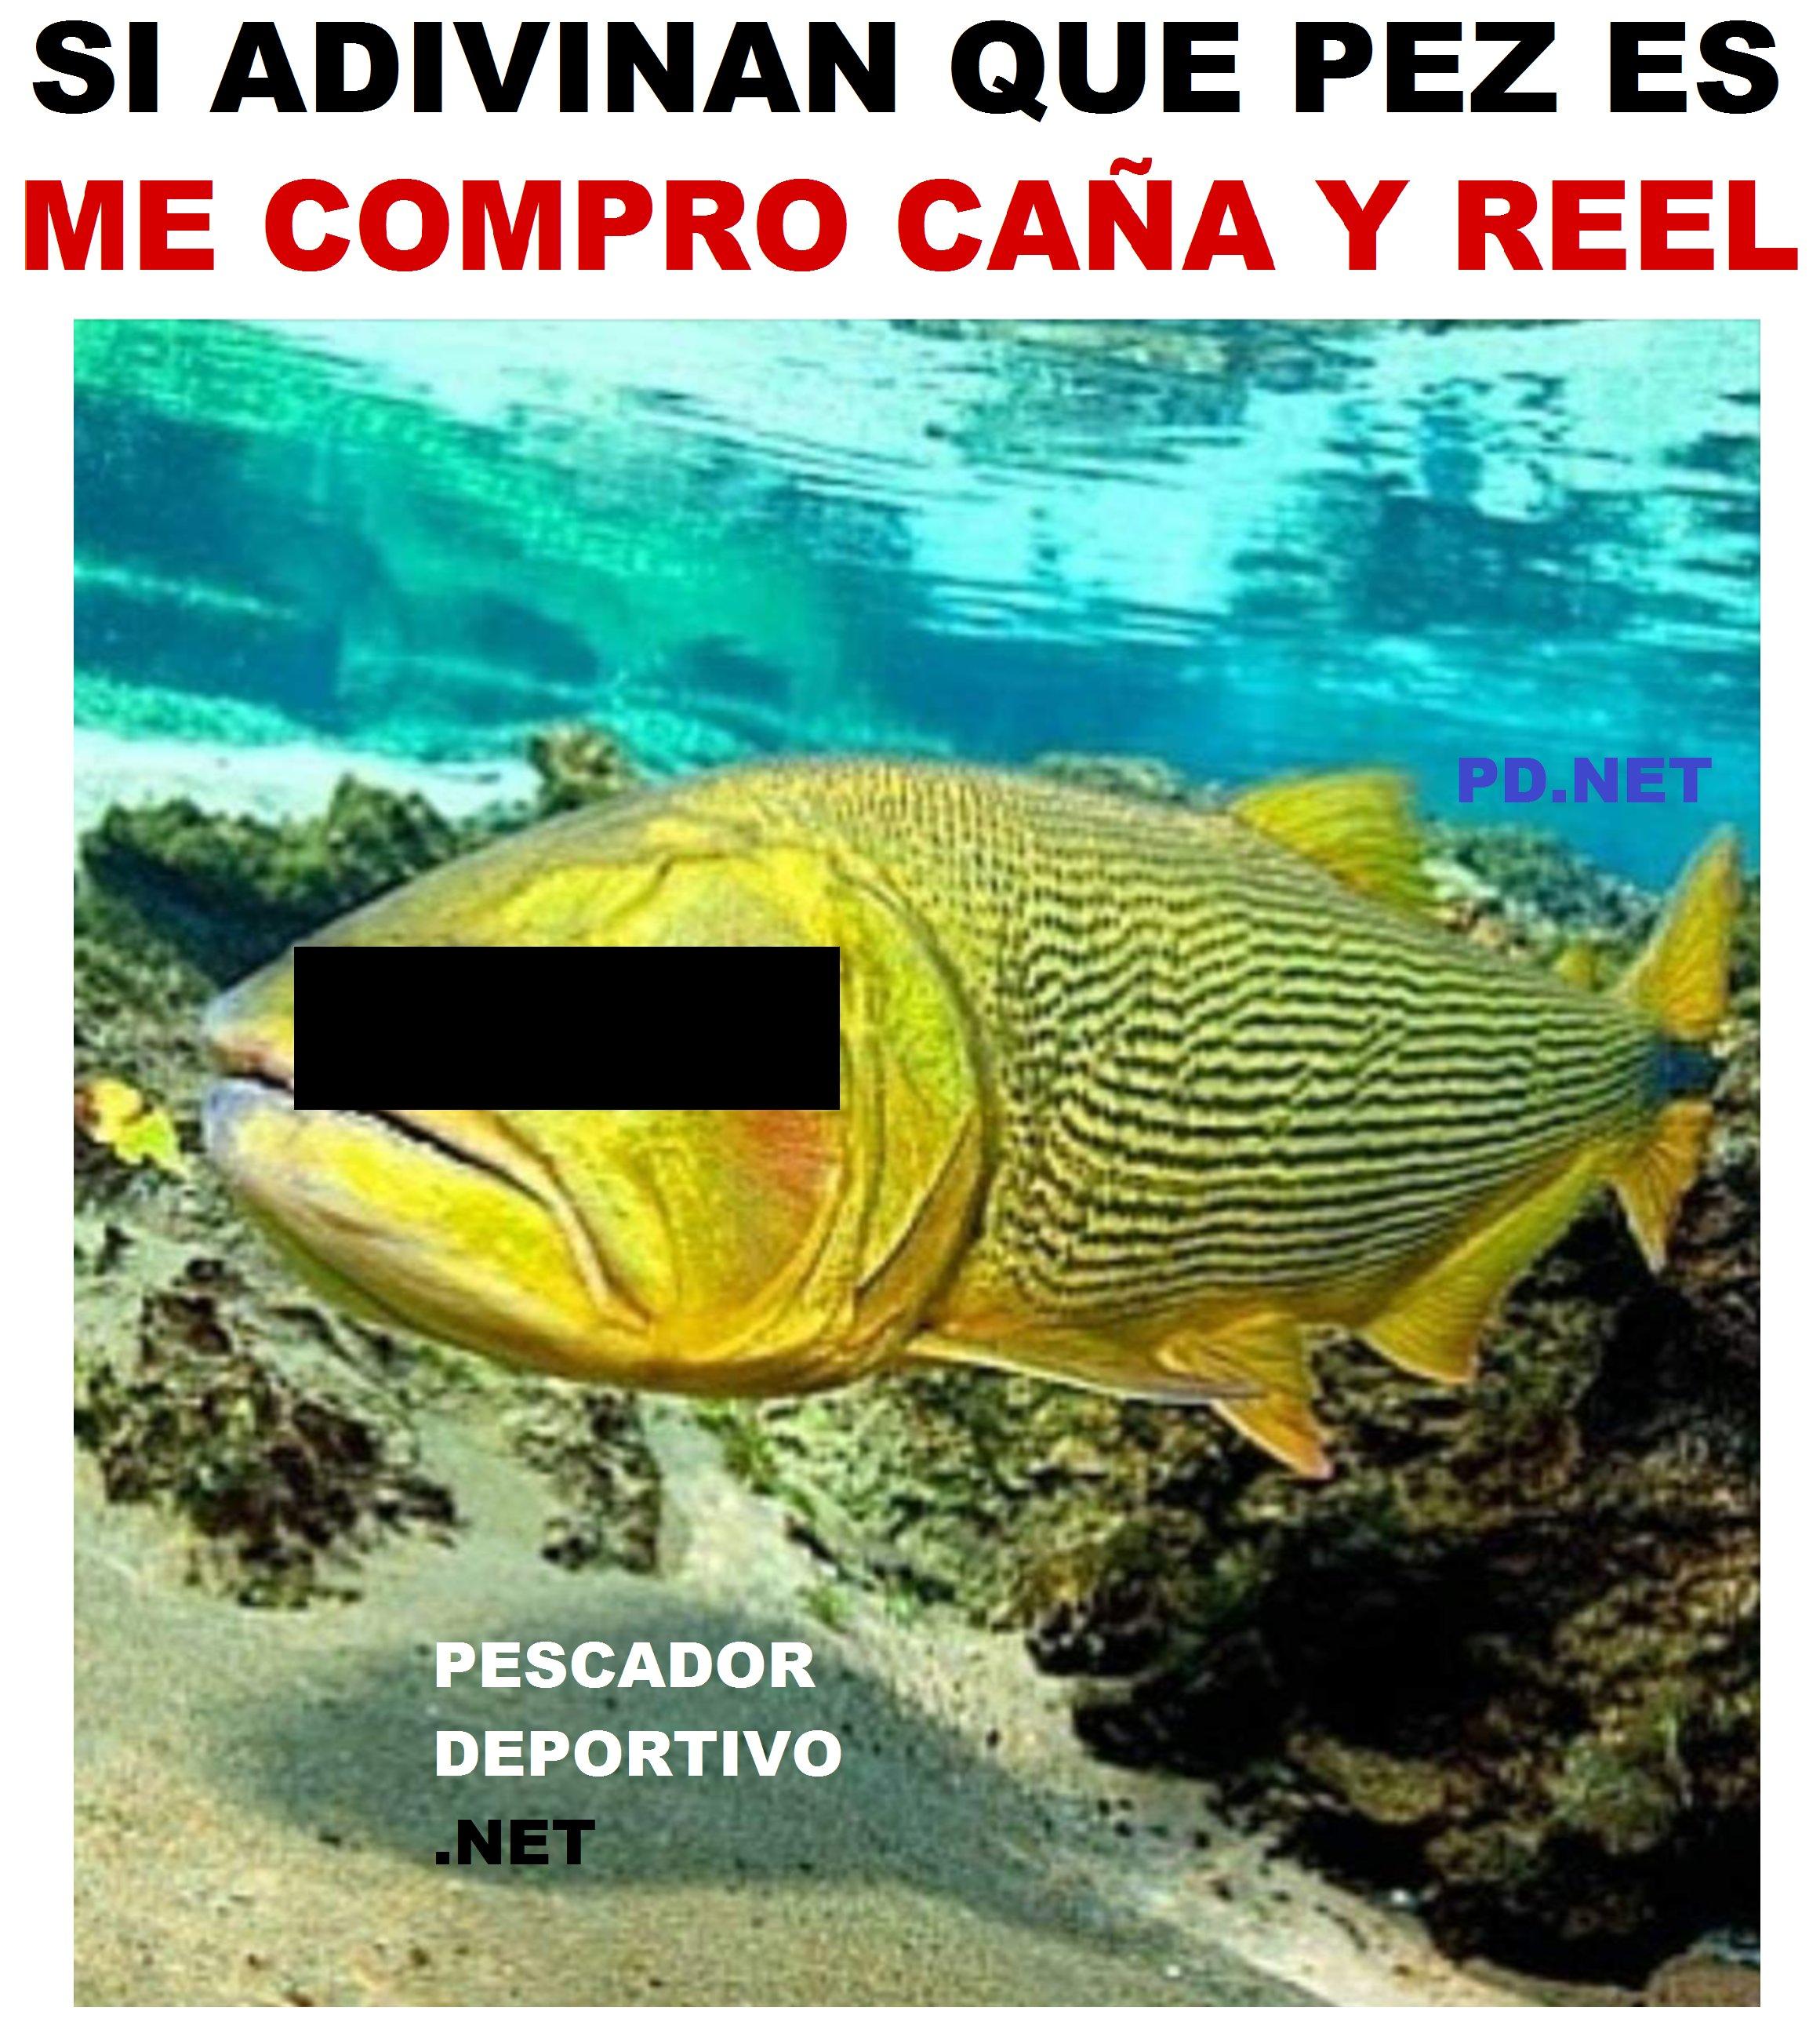 que pez es dorado2319667788584123164..png